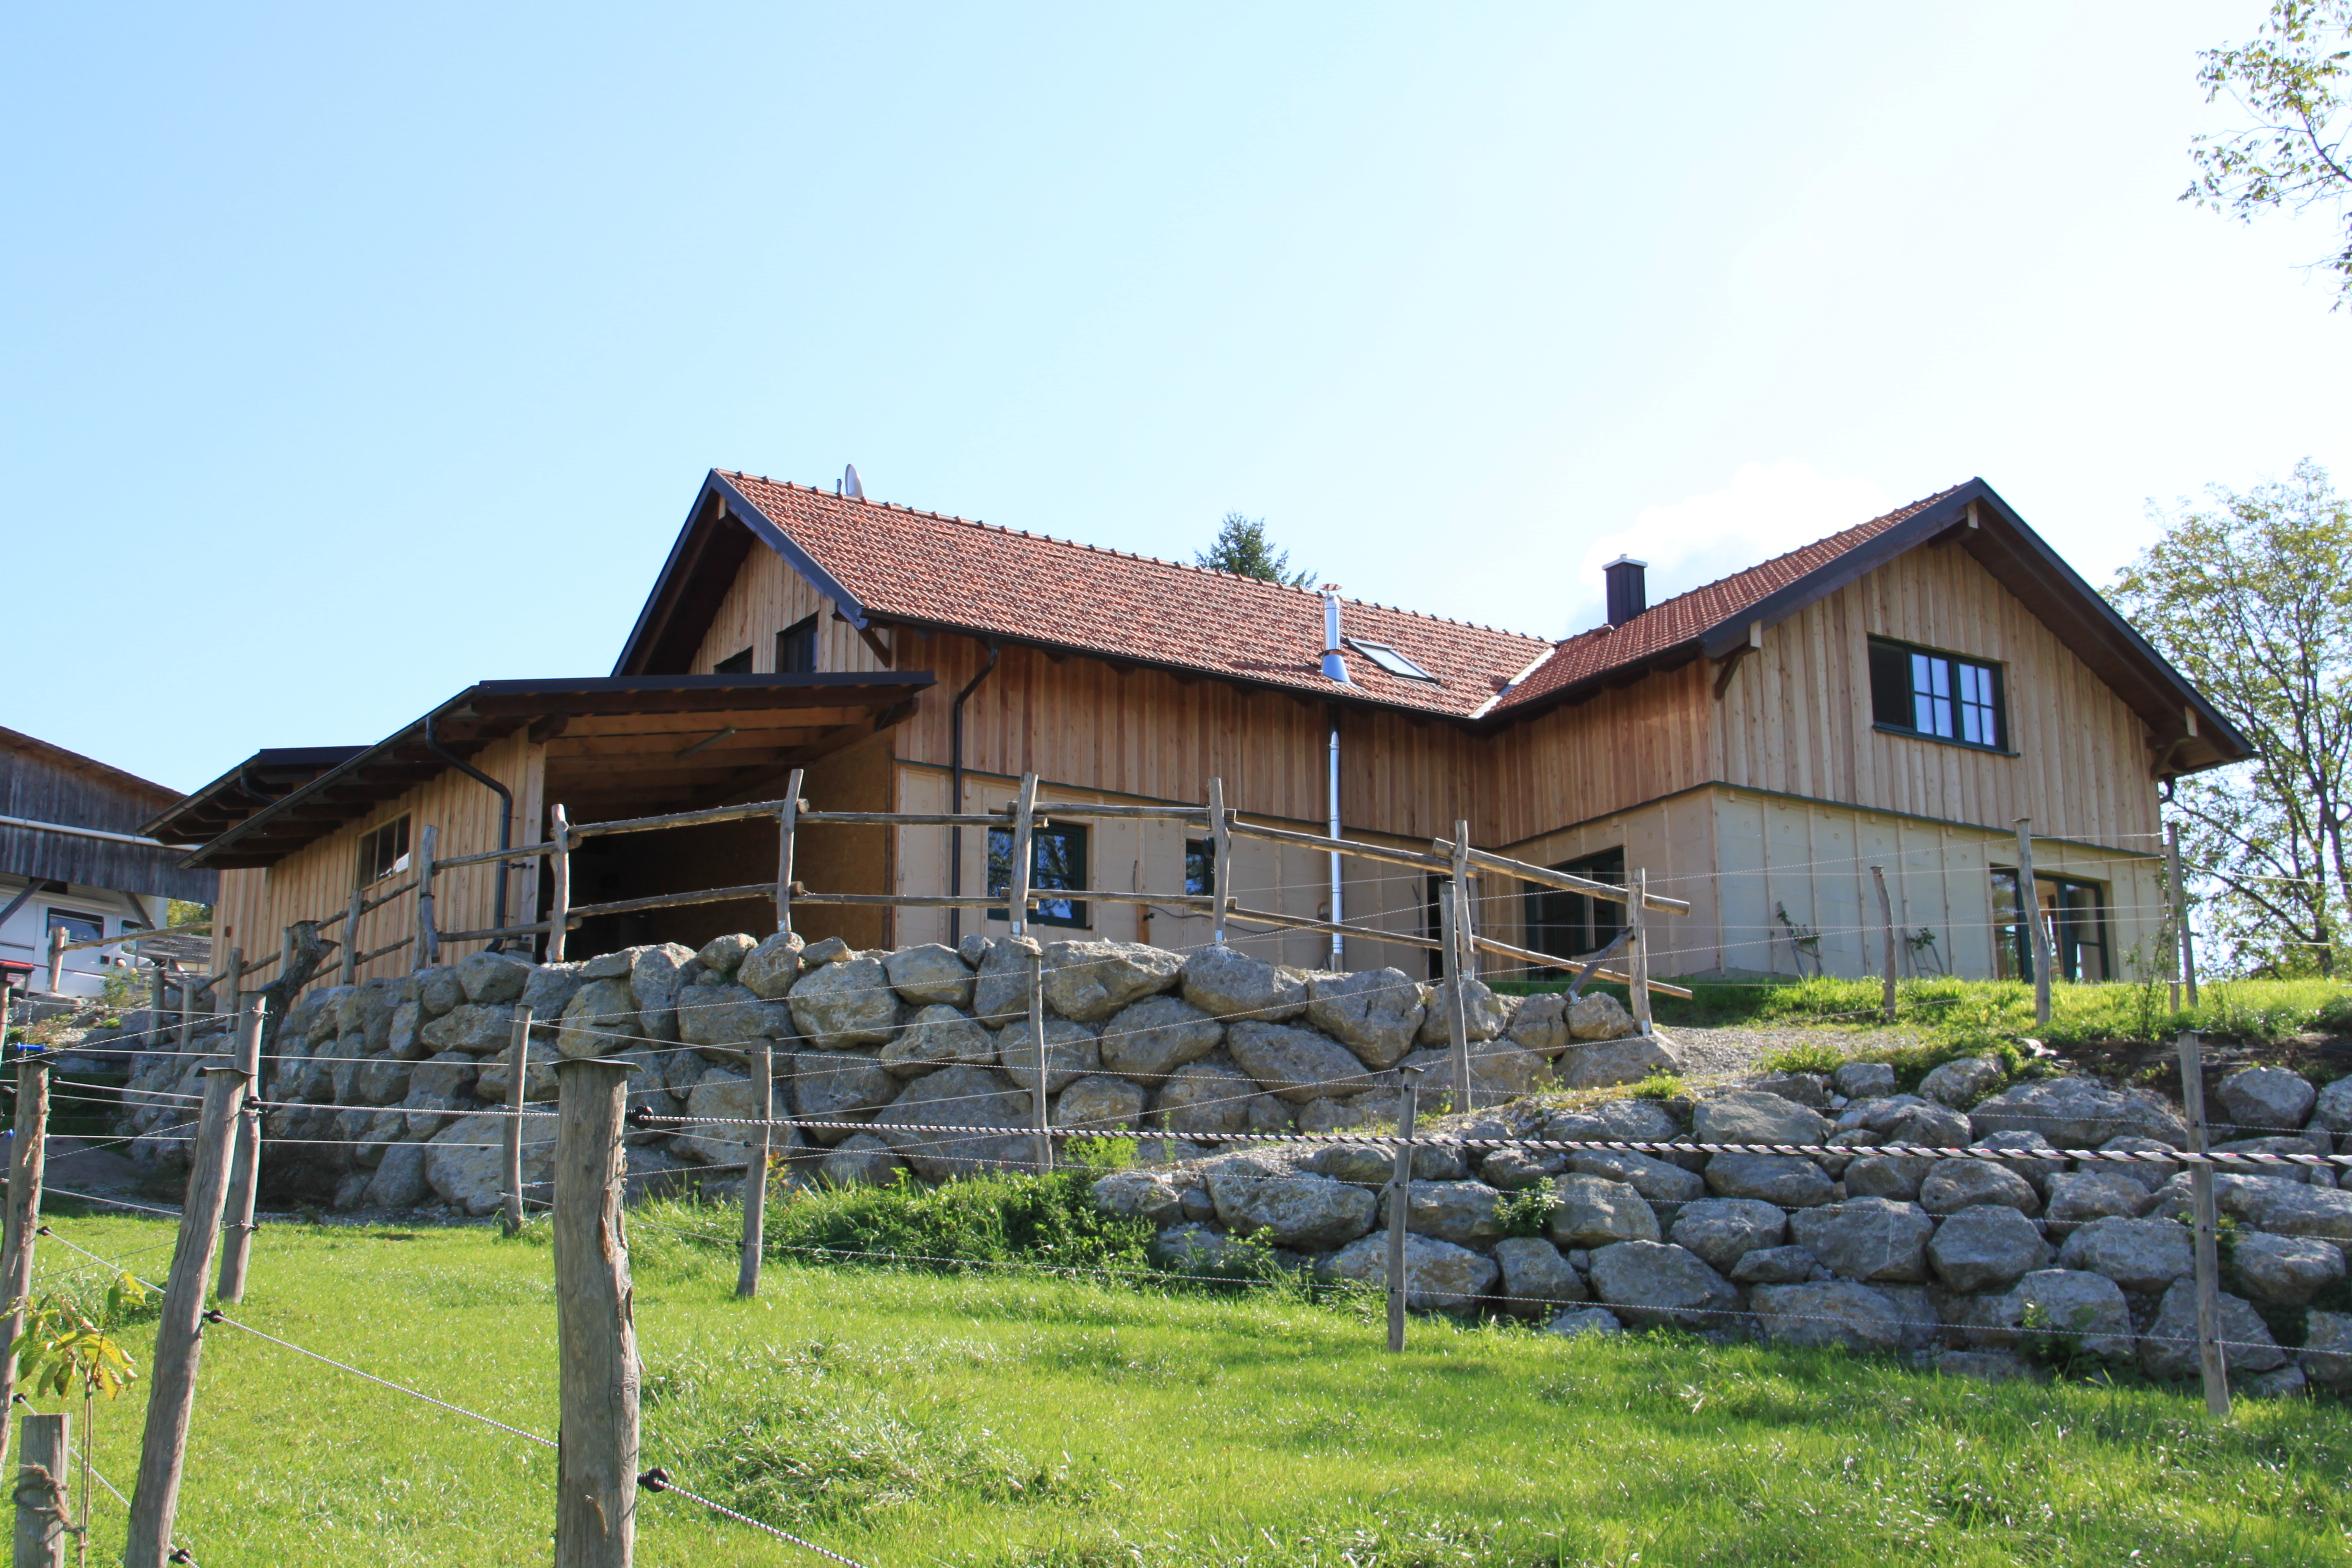 http://www.der-bauberater.at/wp-content/uploads/2017/10/Renovierung_Zubau_03.jpg